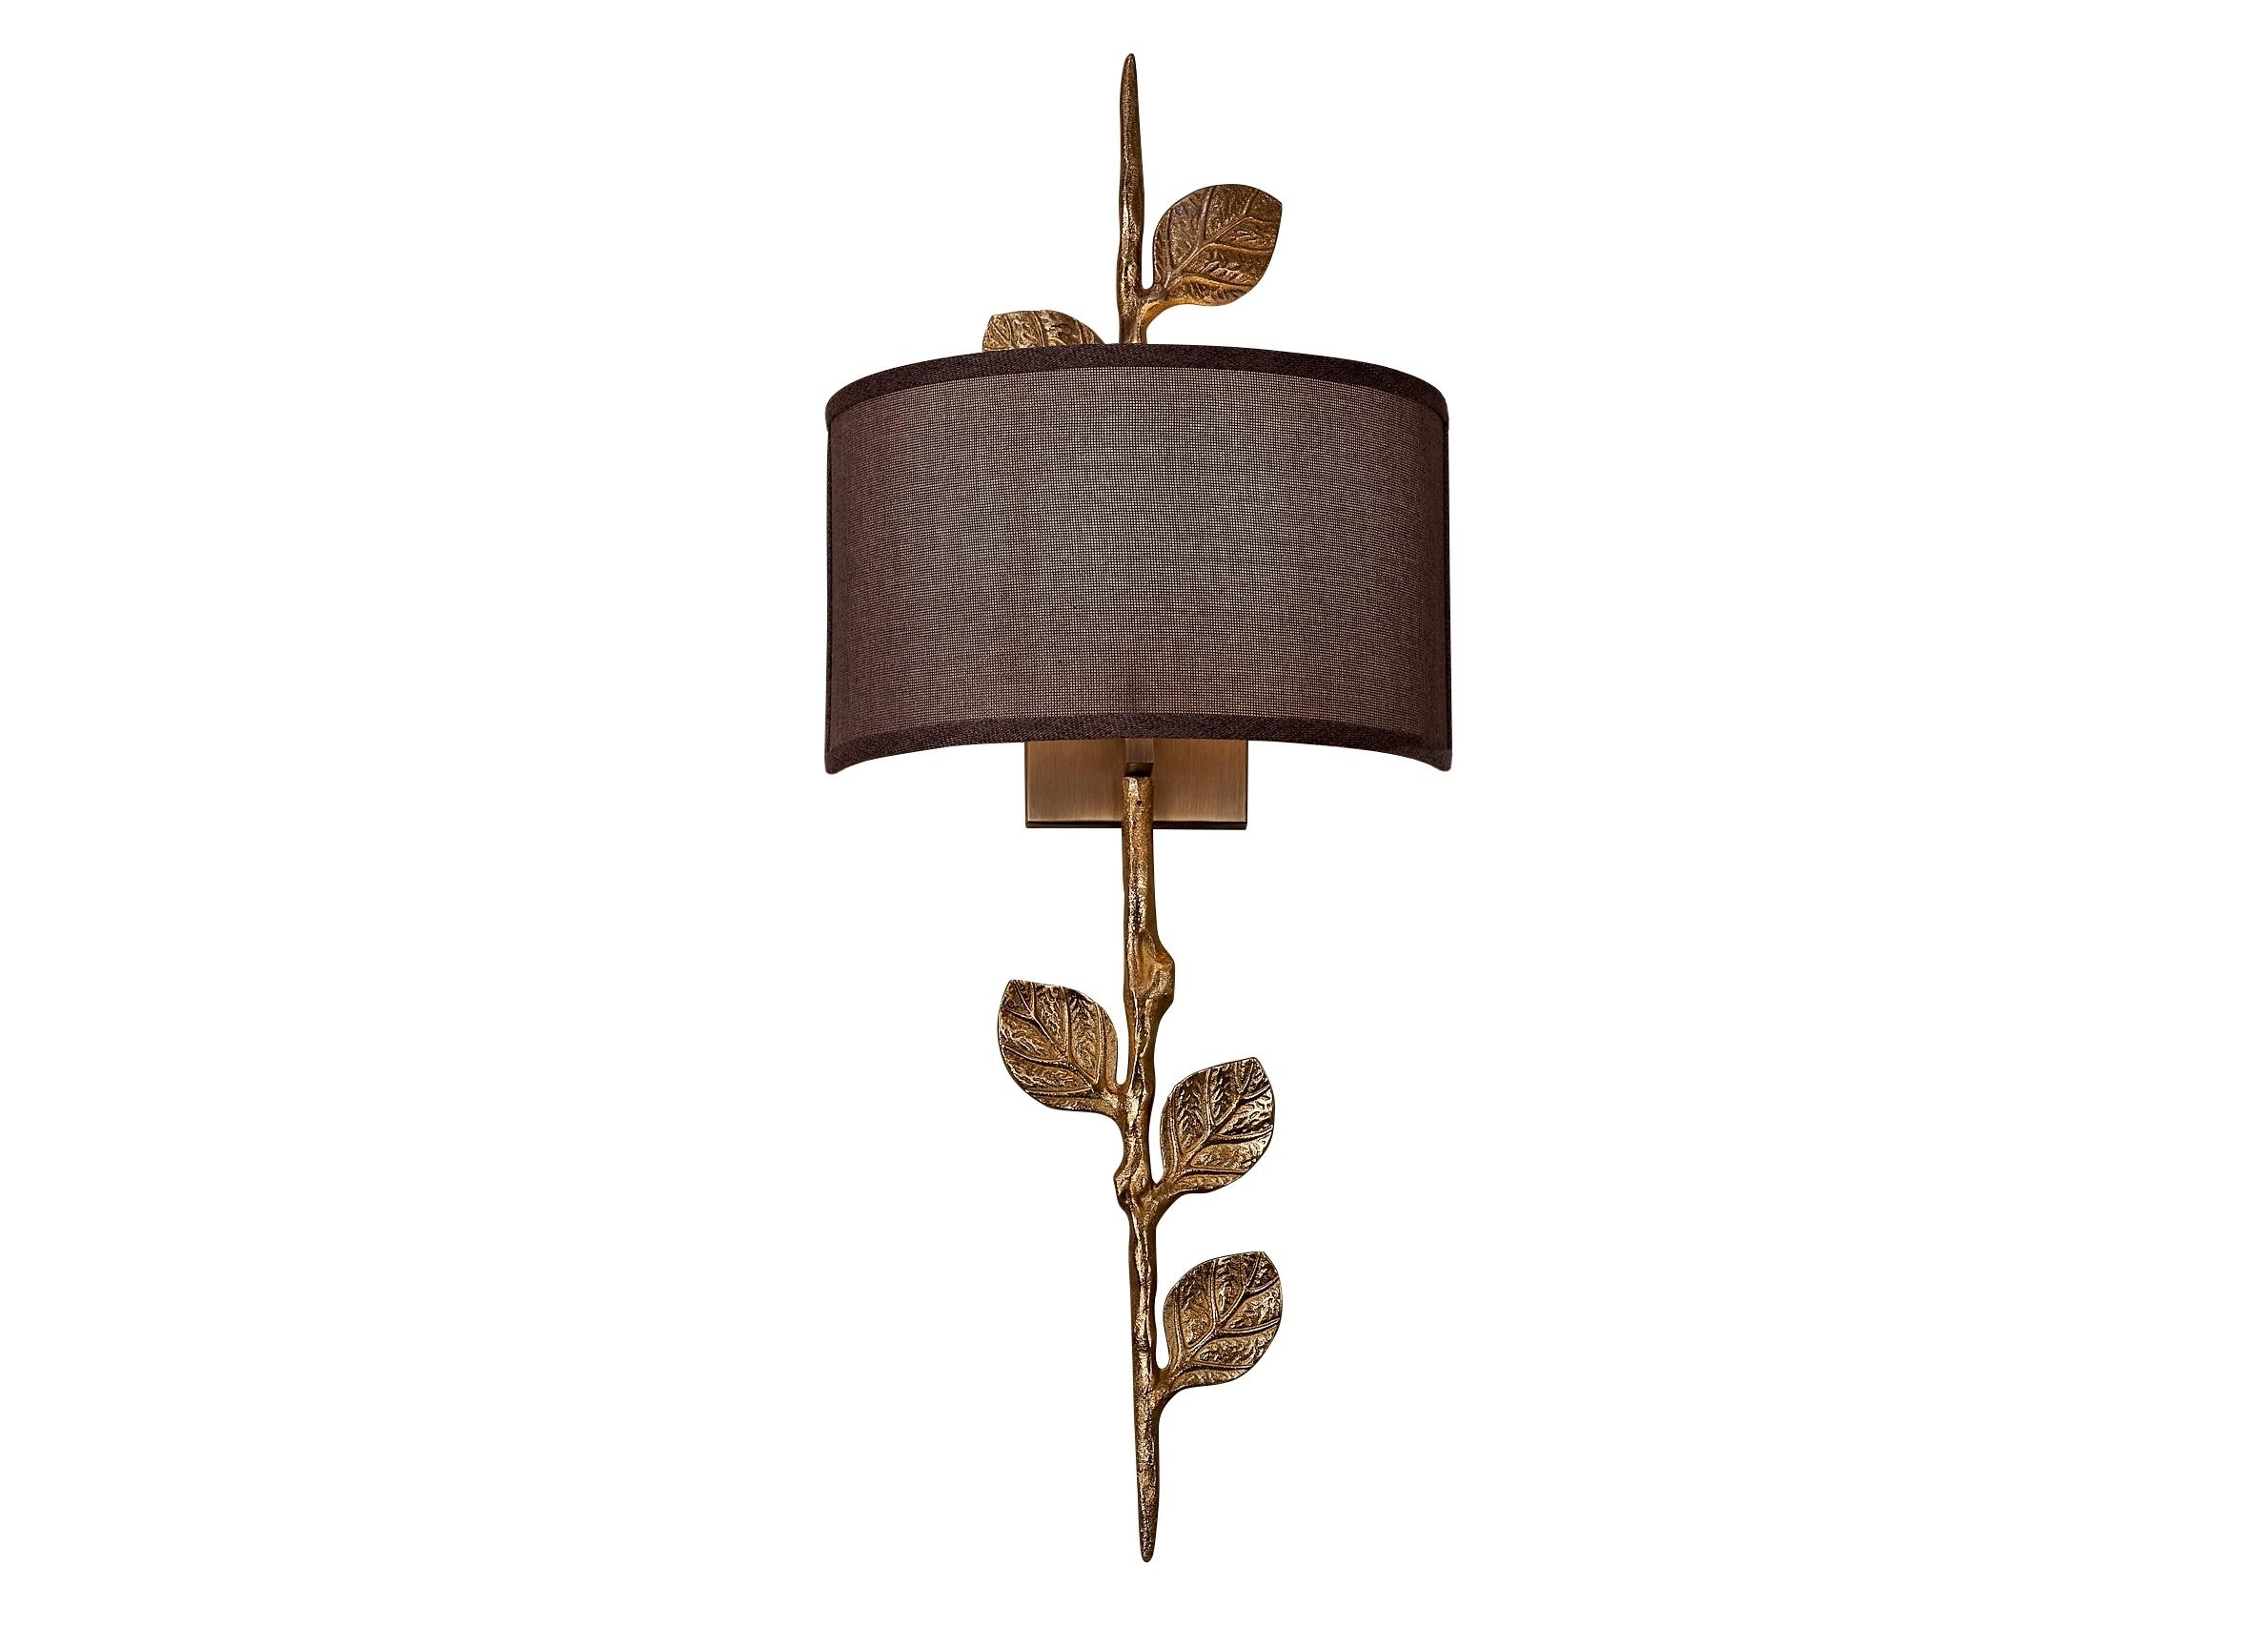 Светильник настенный RavennaБра<br>&amp;lt;div&amp;gt;Бра настенное в виде веточки с листиками, цвета состаренного золота с коричневым тканевым абажуром. Хорошо подойдет для современного интерьера, оформленного в винтажном, эко, ар-деко, фьюжн, минимализм и лофт стилях. В любом интерьере оно будет ярким и стильным элементом декора.&amp;lt;/div&amp;gt;&amp;lt;div&amp;gt;&amp;lt;br&amp;gt;&amp;lt;/div&amp;gt;&amp;lt;div&amp;gt;&amp;lt;br&amp;gt;&amp;lt;/div&amp;gt;&amp;lt;div&amp;gt;Вид цоколя: E14&amp;lt;/div&amp;gt;&amp;lt;div&amp;gt;Мощность: 40W&amp;lt;/div&amp;gt;&amp;lt;div&amp;gt;Количество ламп: 1 (нет в комплекте)&amp;lt;/div&amp;gt;<br><br>Material: Металл<br>Ширина см: 30.0<br>Высота см: 74.0<br>Глубина см: 16.0